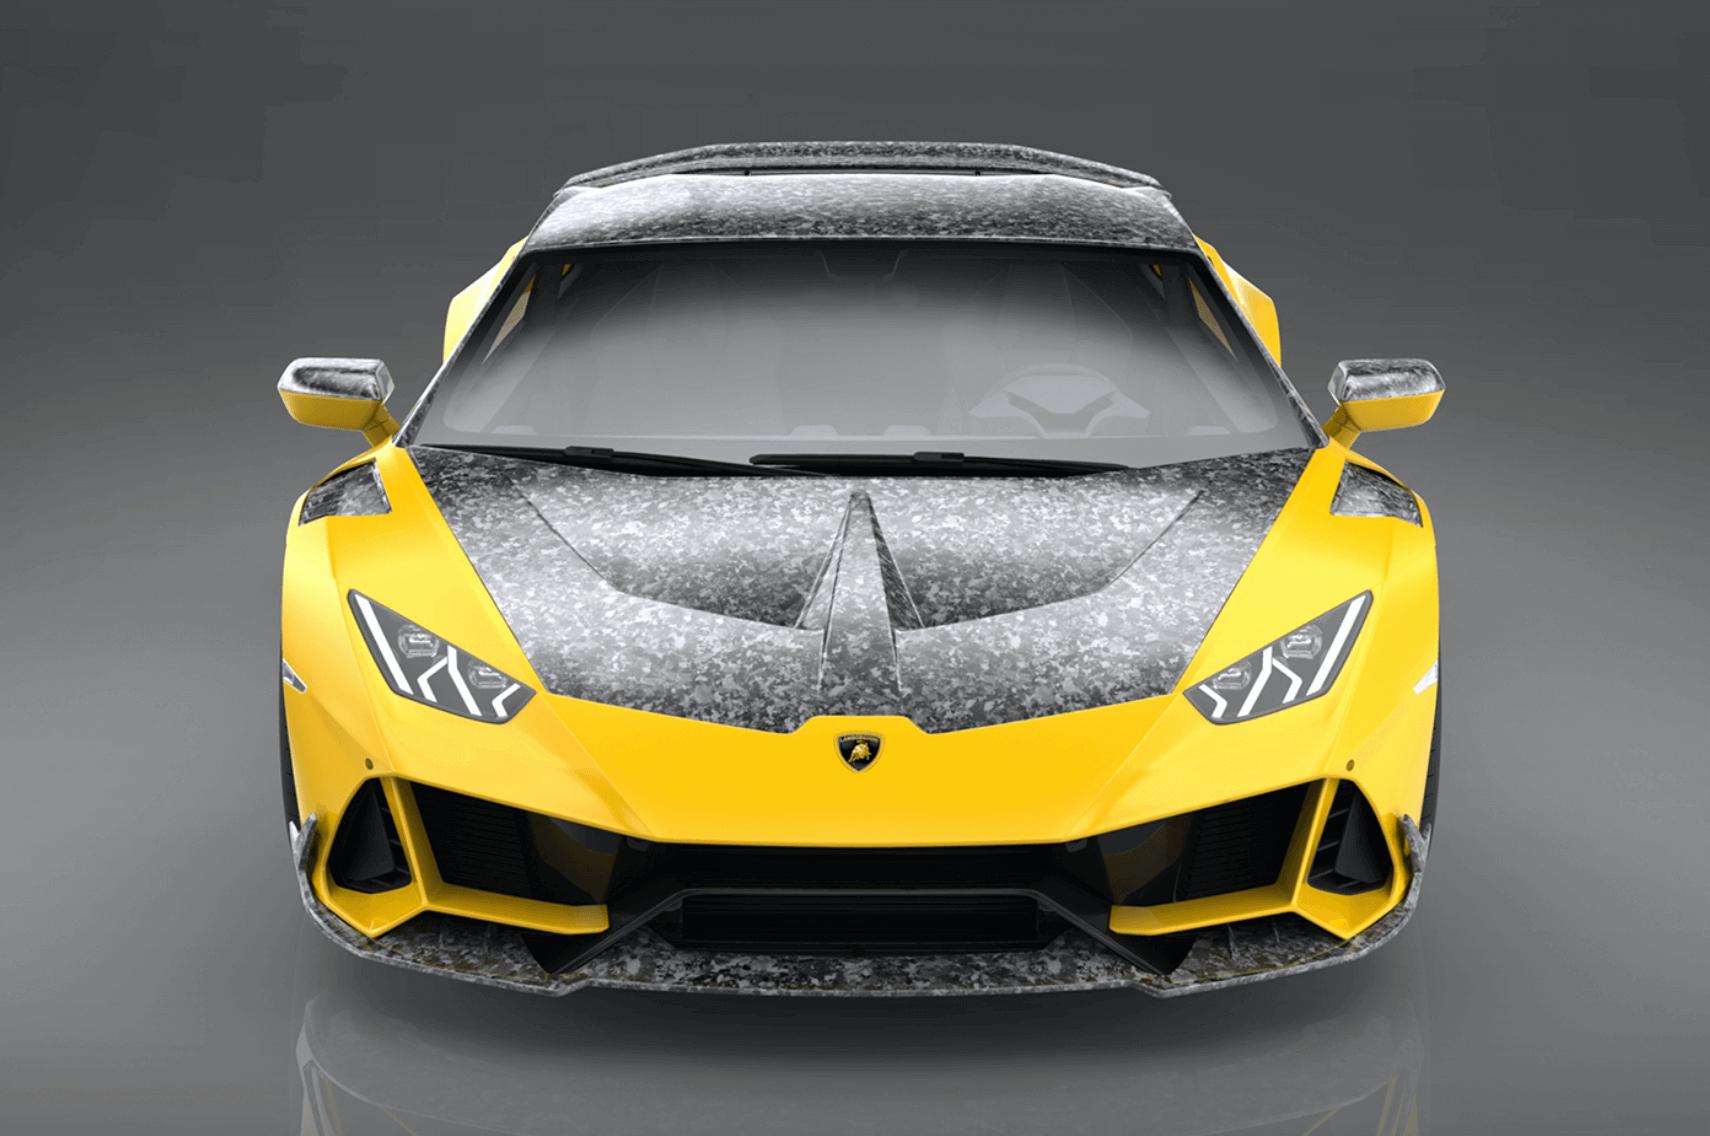 karbon Lamborghini Huracán Evo tasarımı